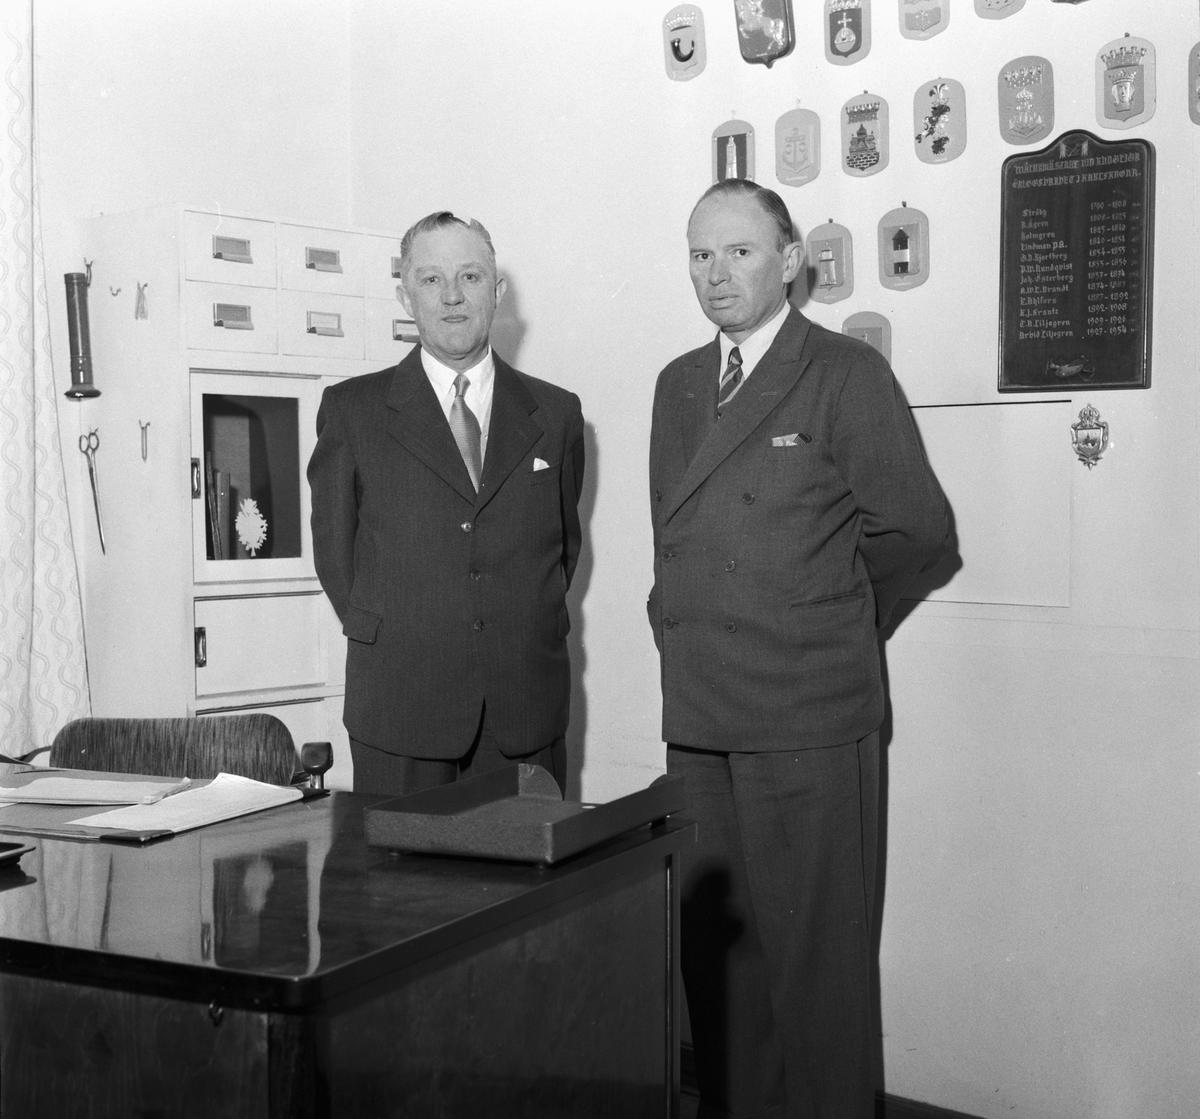 Övrigt: Foto datum: 22/11 1954 Byggnader och kranar Arbetsledare vid utrustningsverkstan. Närmast identisk bild: V3139, ej skannad